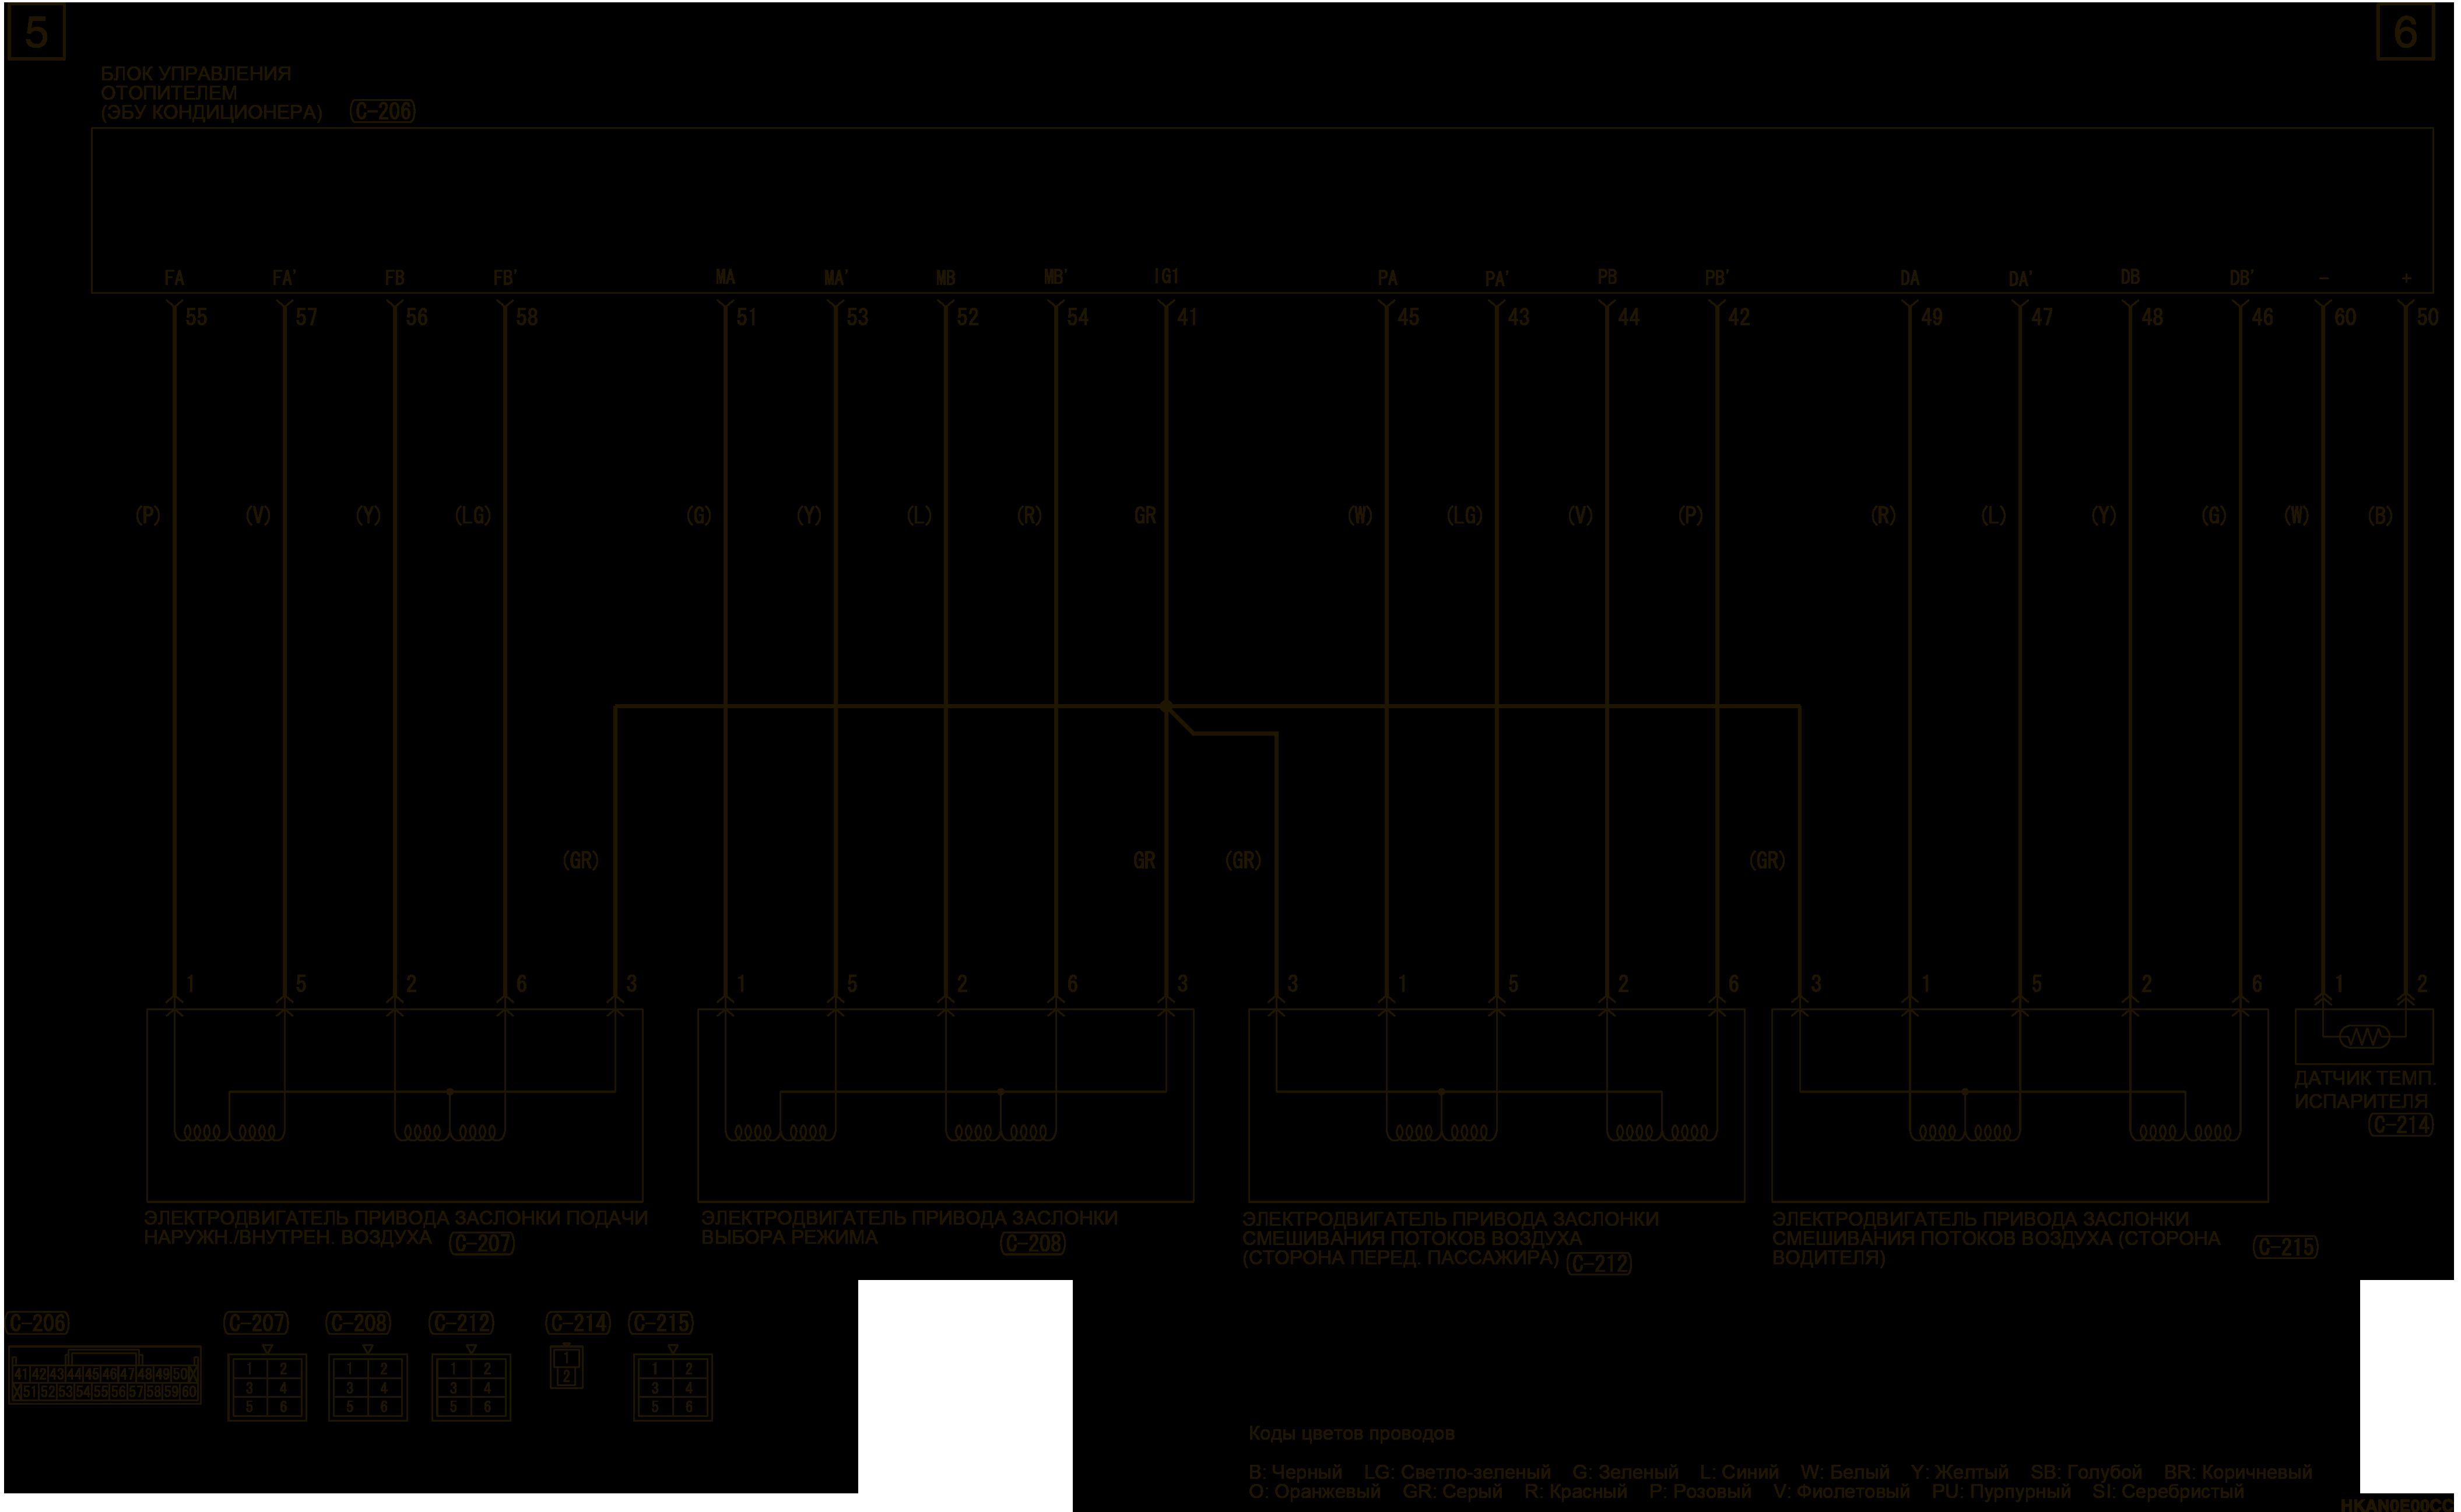 mmc аутлендер 3 2019 электросхемаКОНДИЦИОНЕР ВОЗДУХА ЛЕВОСТОРОННЕЕ УПРАВЛЕНИЕ